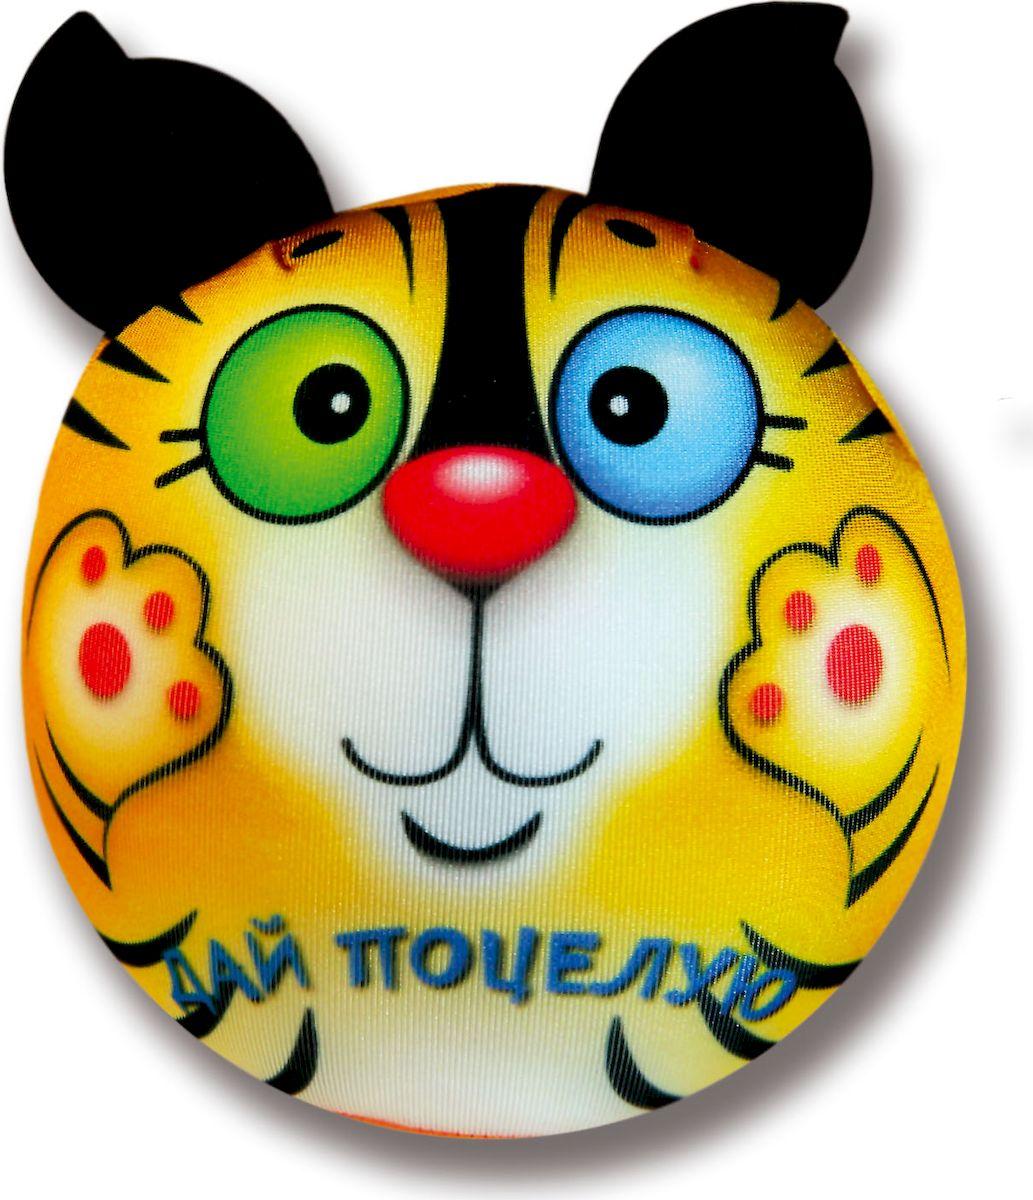 Штучки, к которым тянутся ручки Игрушка для ванной Колобашки Тигр игрушка для ванной штучки к которым тянутся ручки 14аси49ив 12